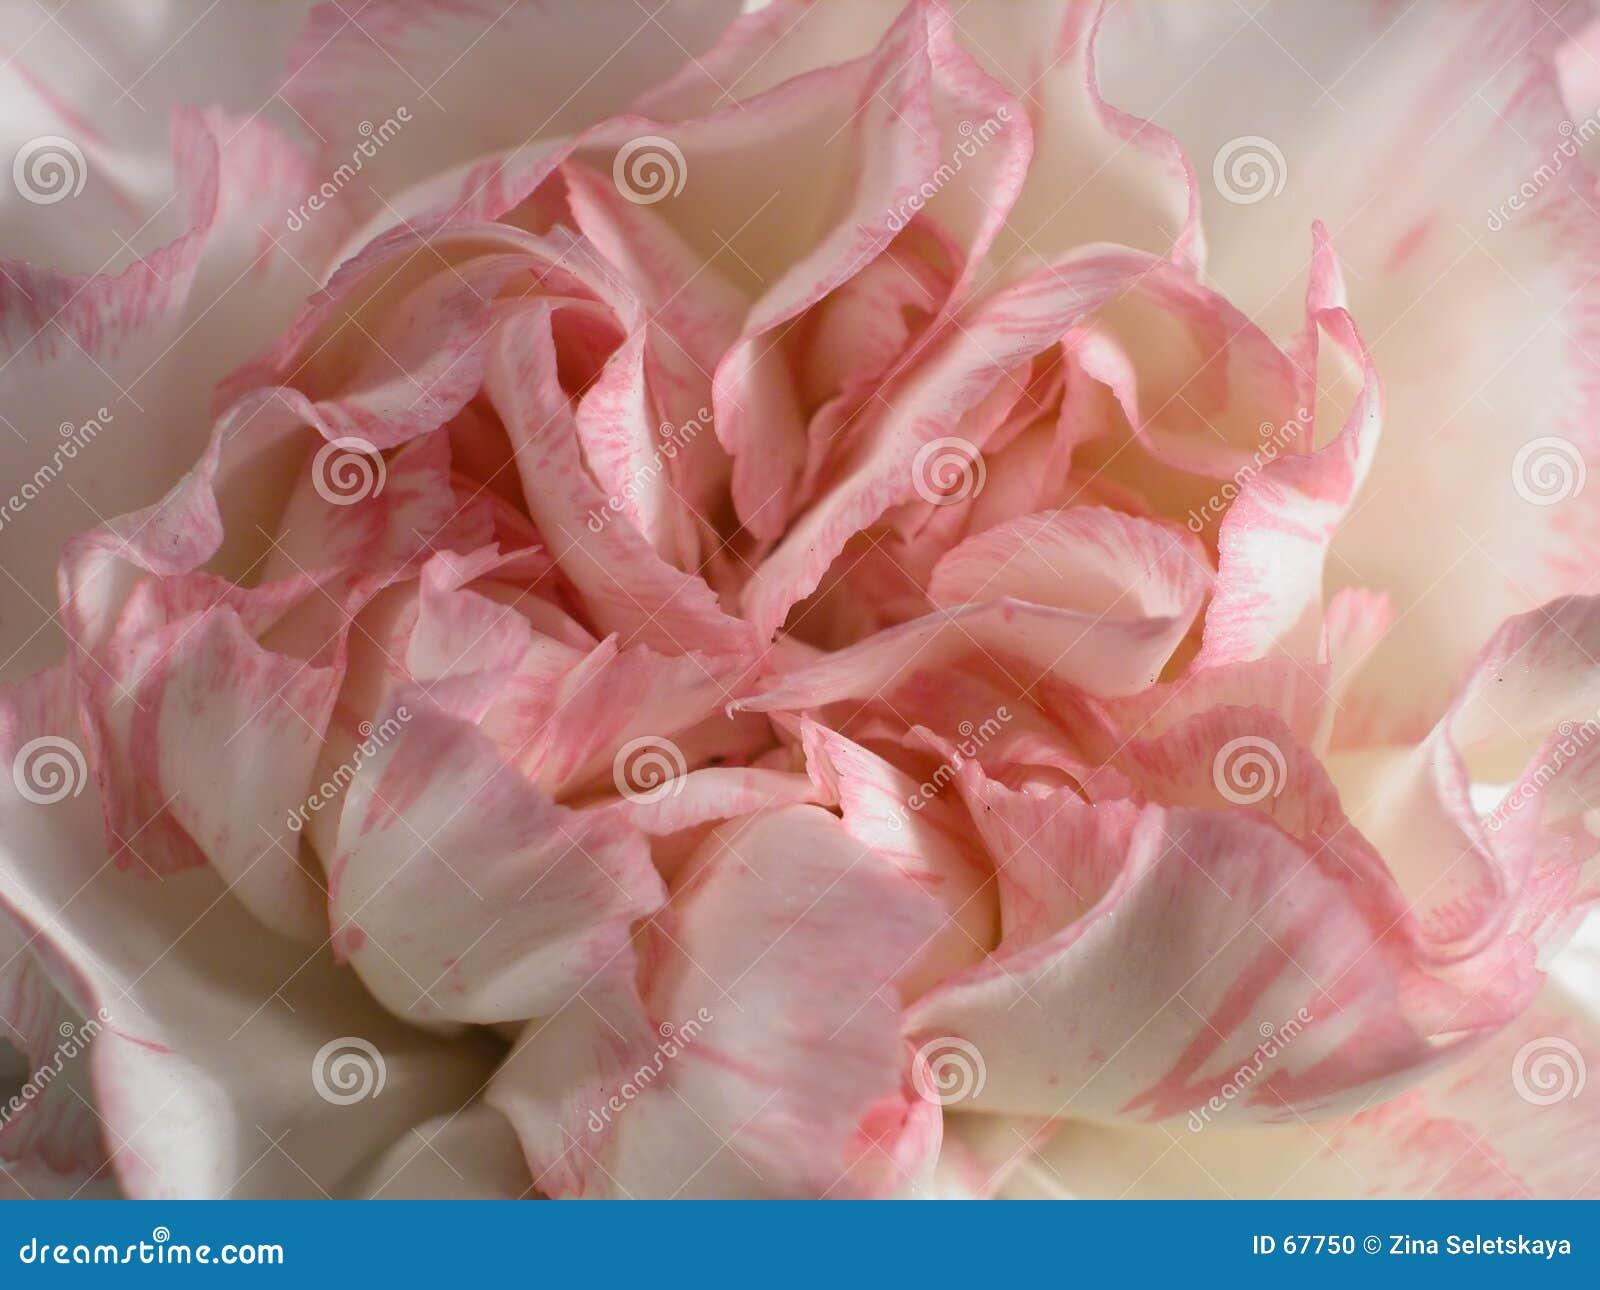 Pink carnation 3